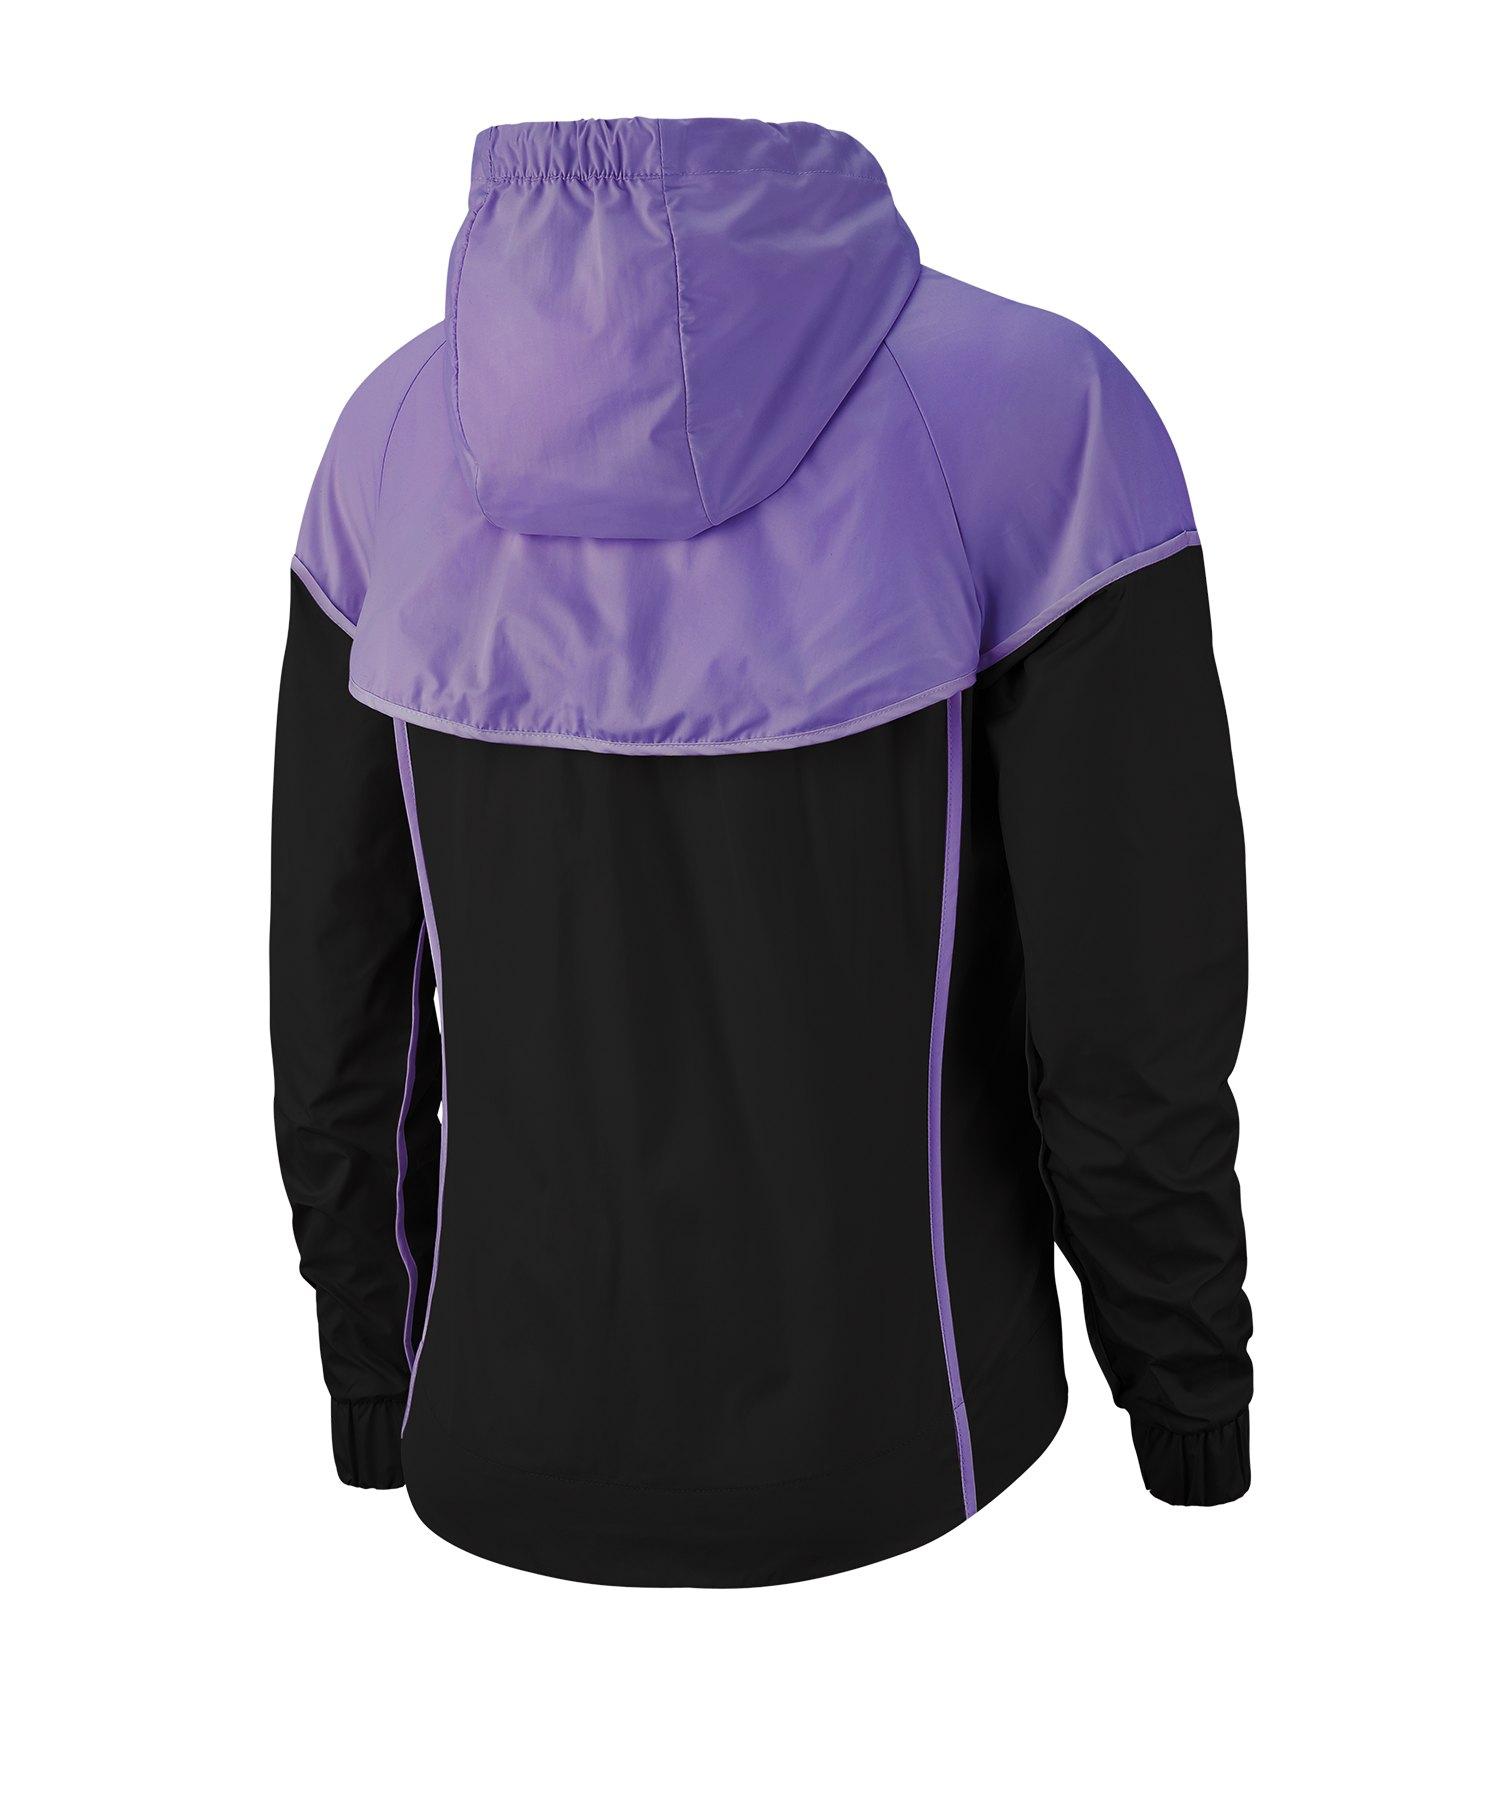 Jacke F014 Damen Lila Nike Windrunner Jacket UzSMVqpG